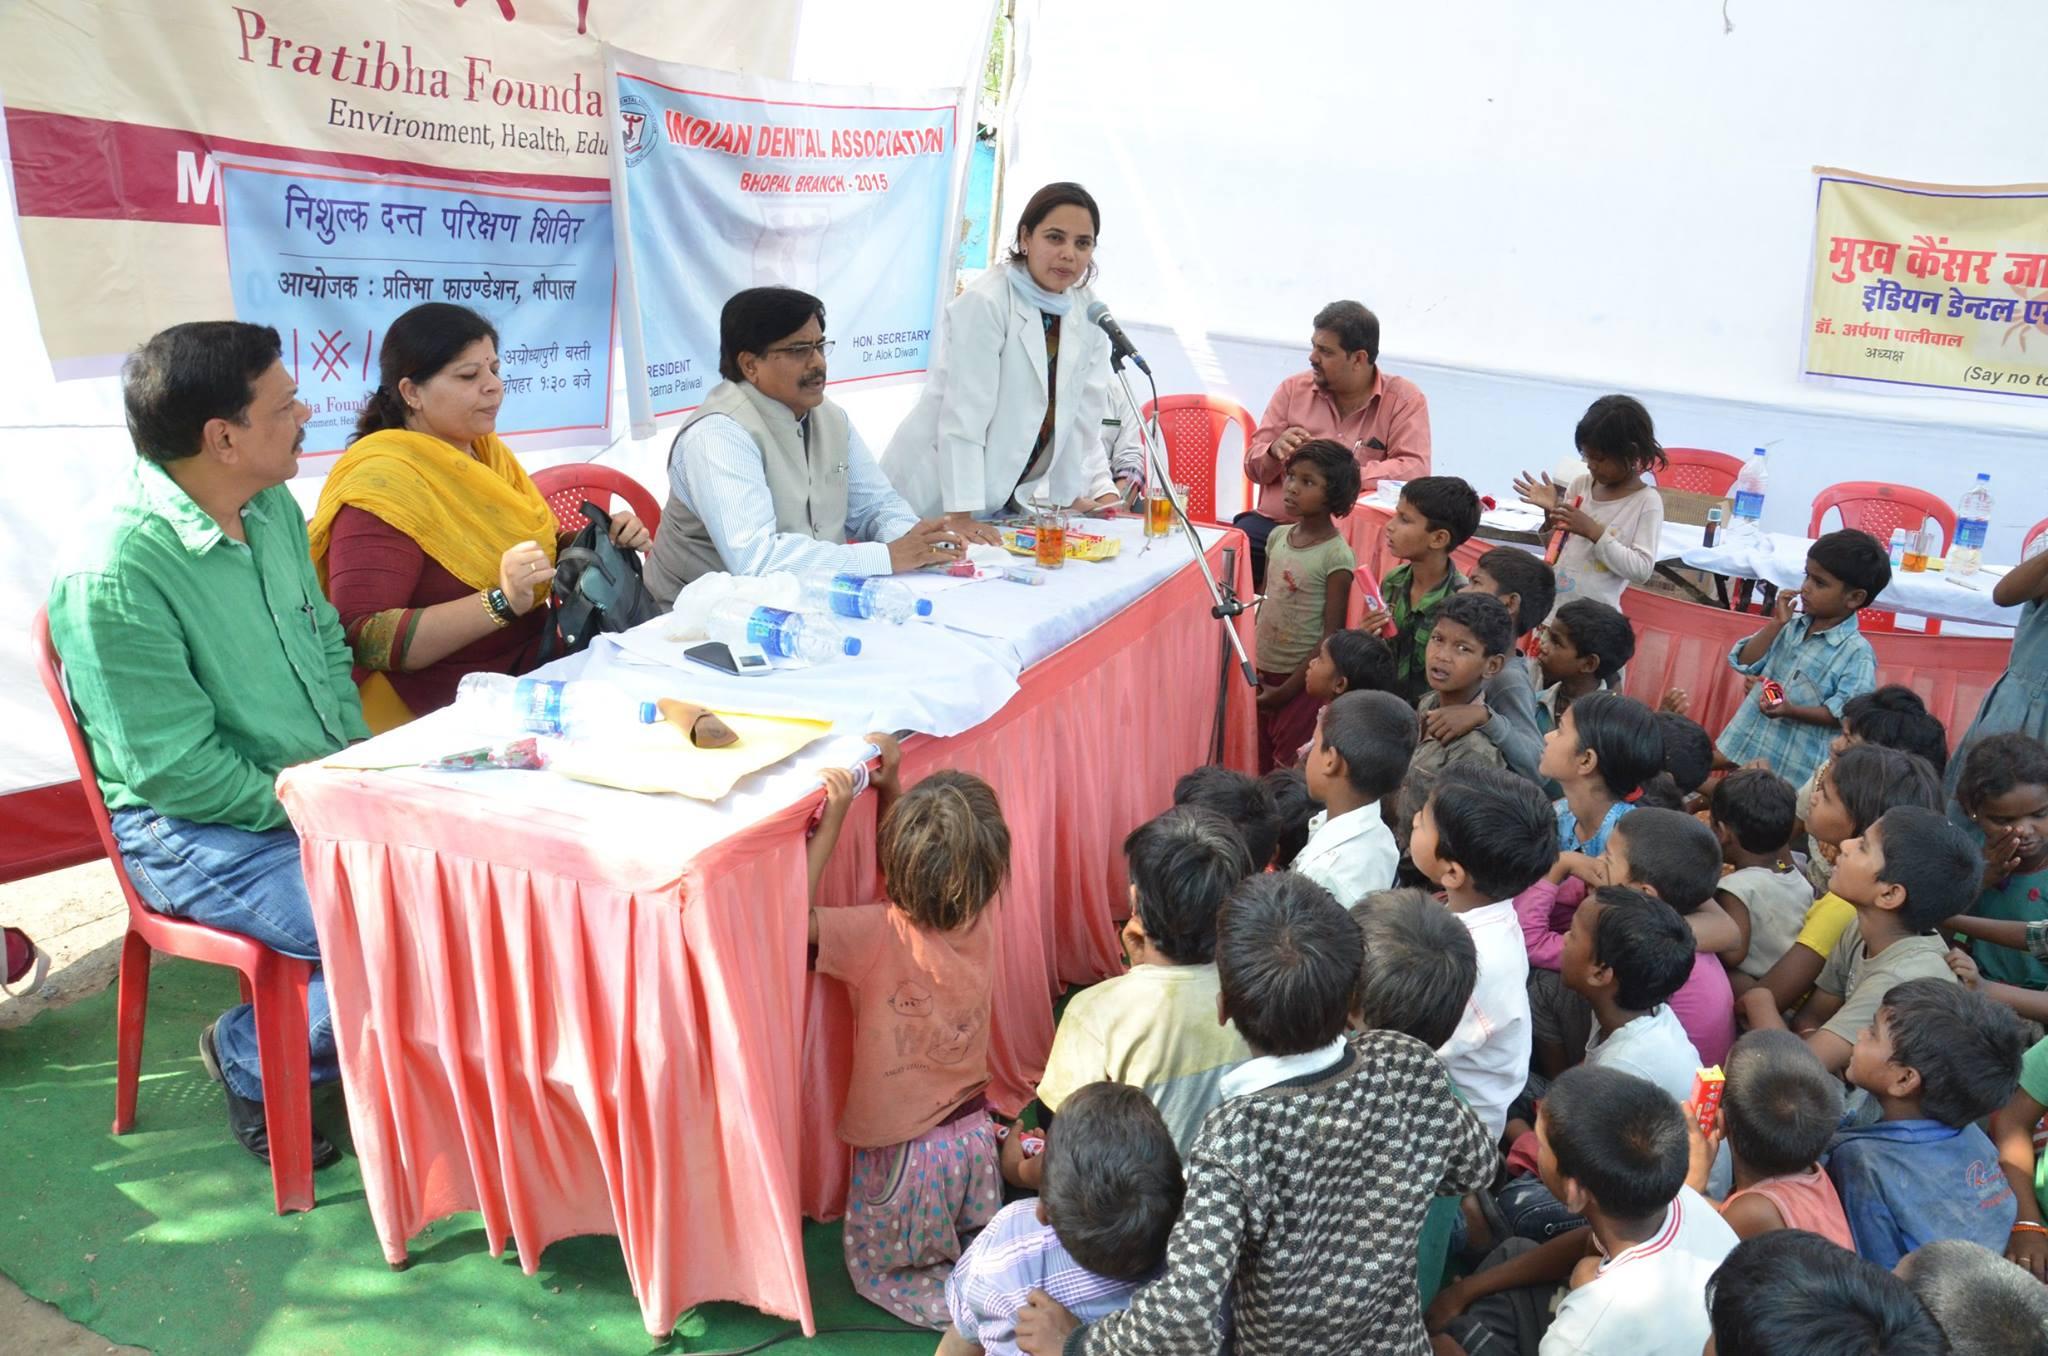 Pratibha Foundation